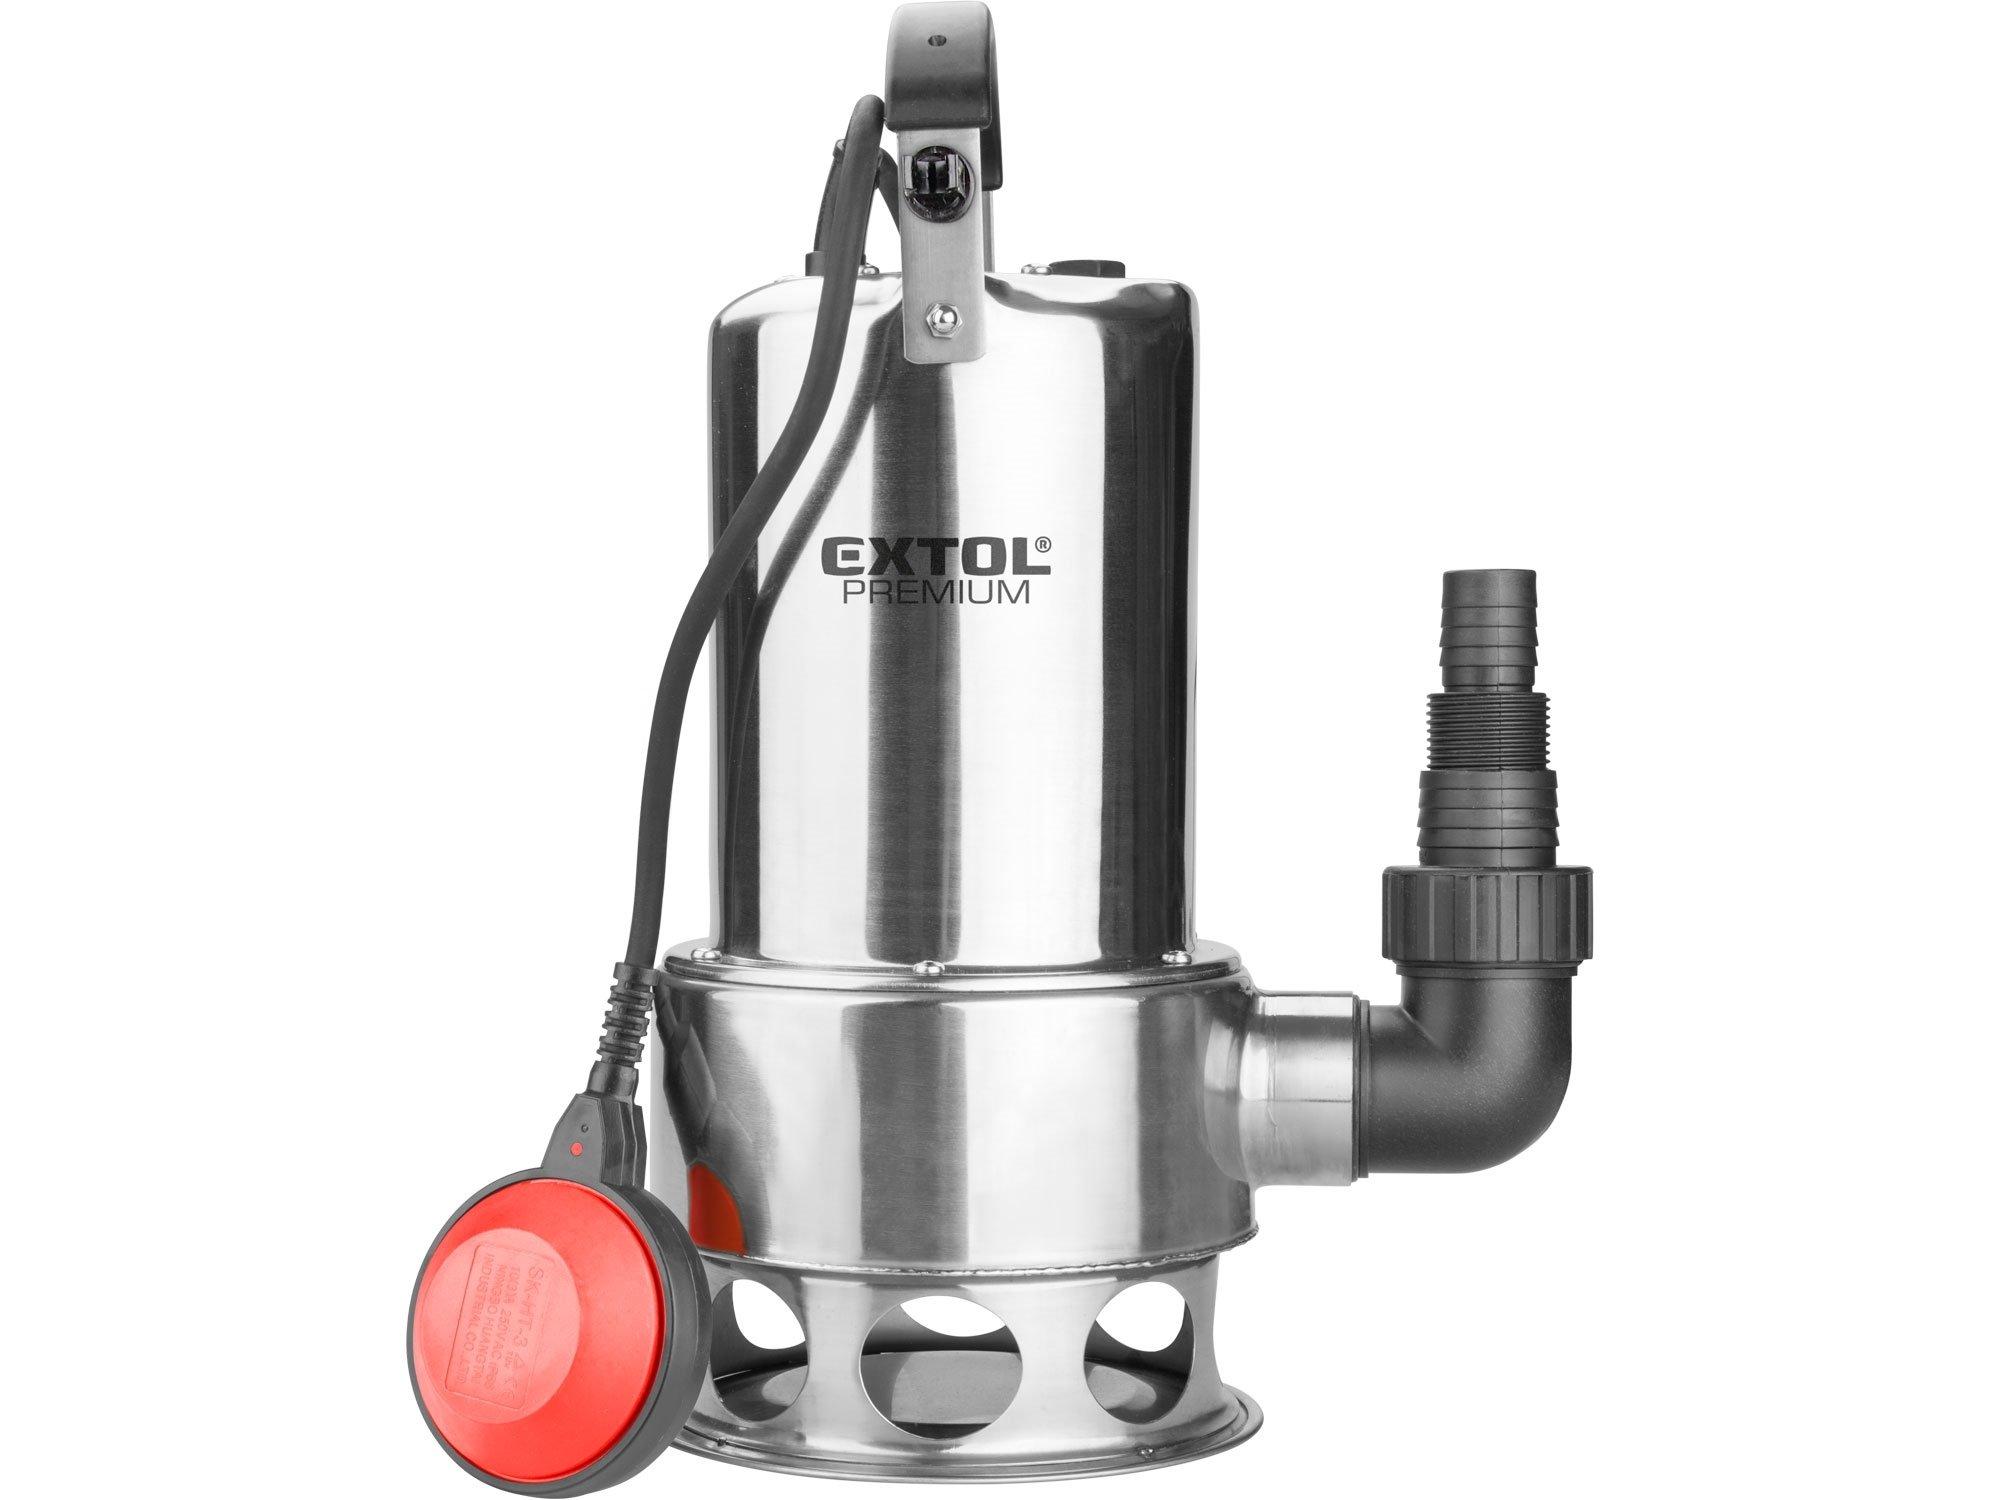 Extol Premium 8895016 ponorné kalové čerpadlo nerez 1100W